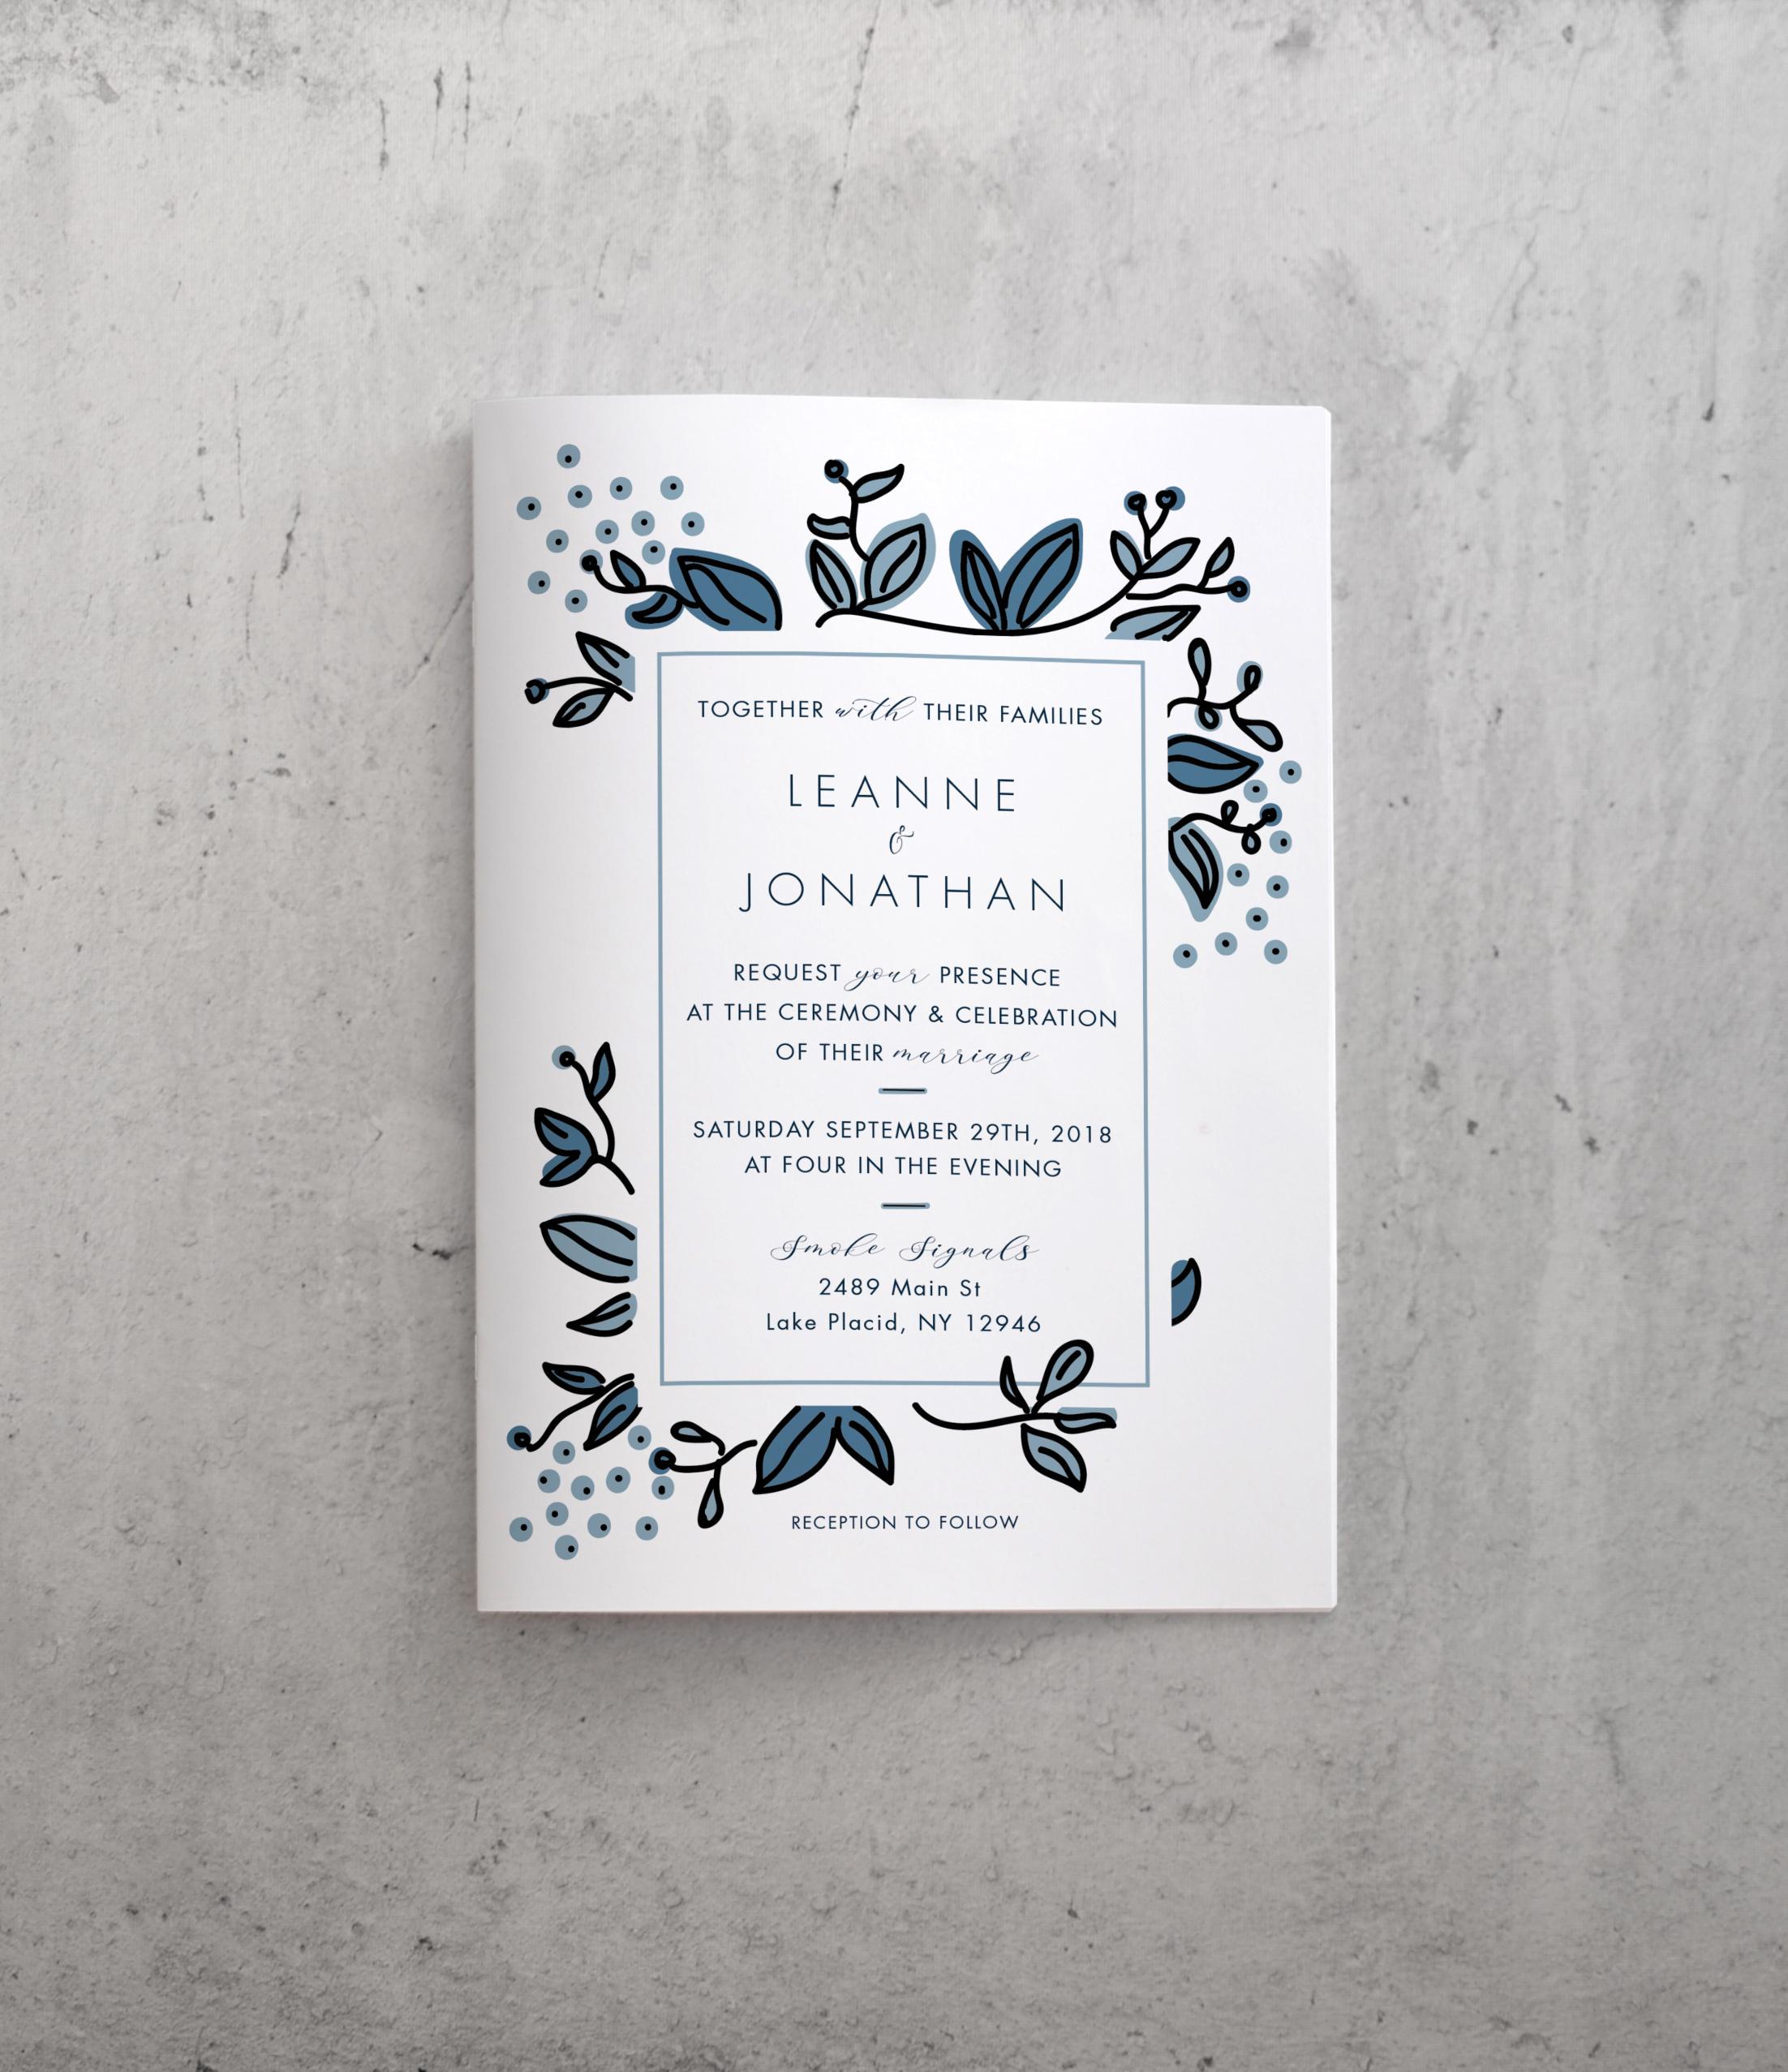 Leanne+Jon_Wedding Invite.jpg